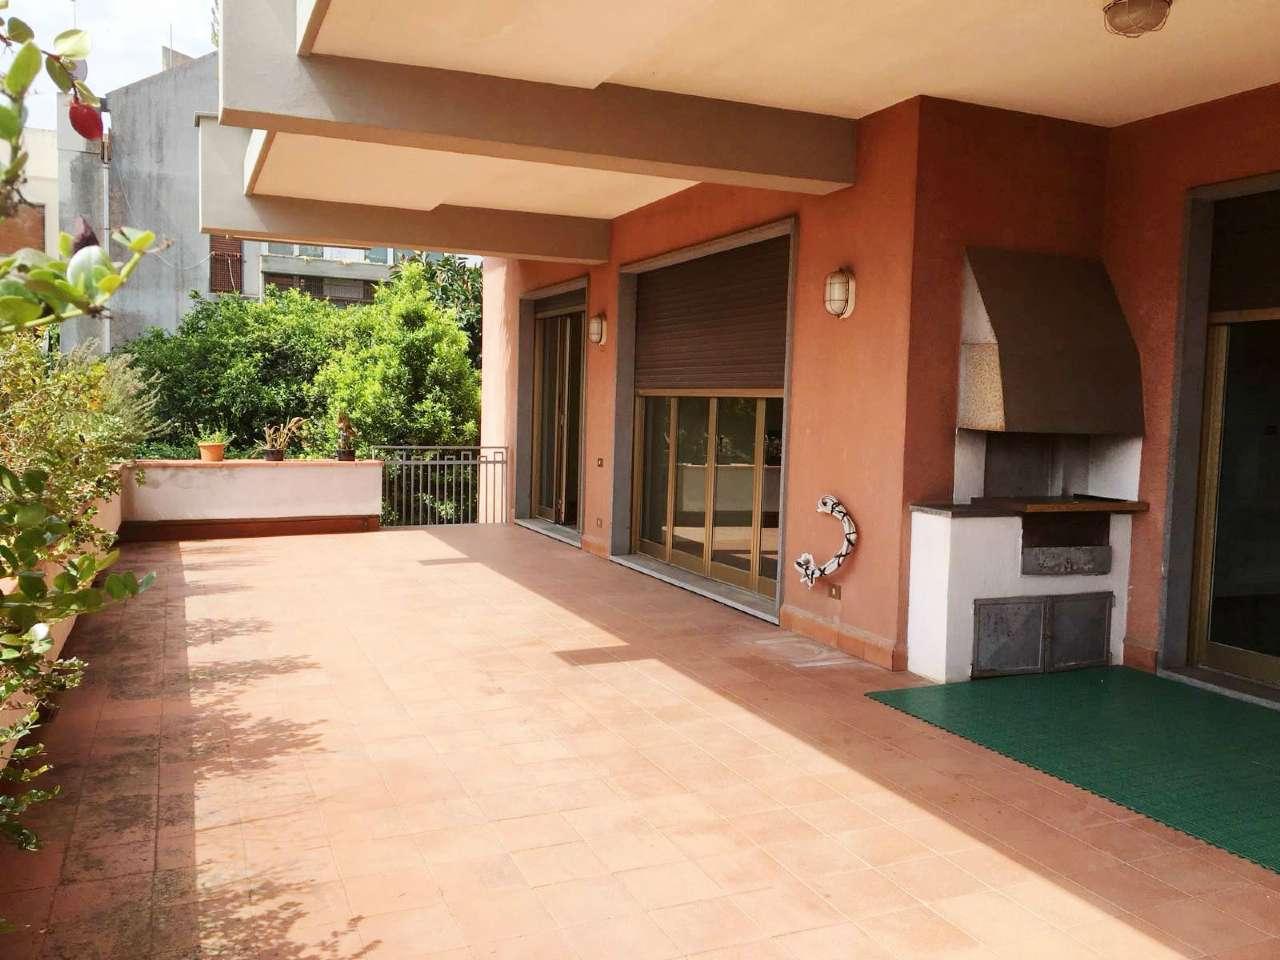 Appartamento in affitto a Catania (CT)